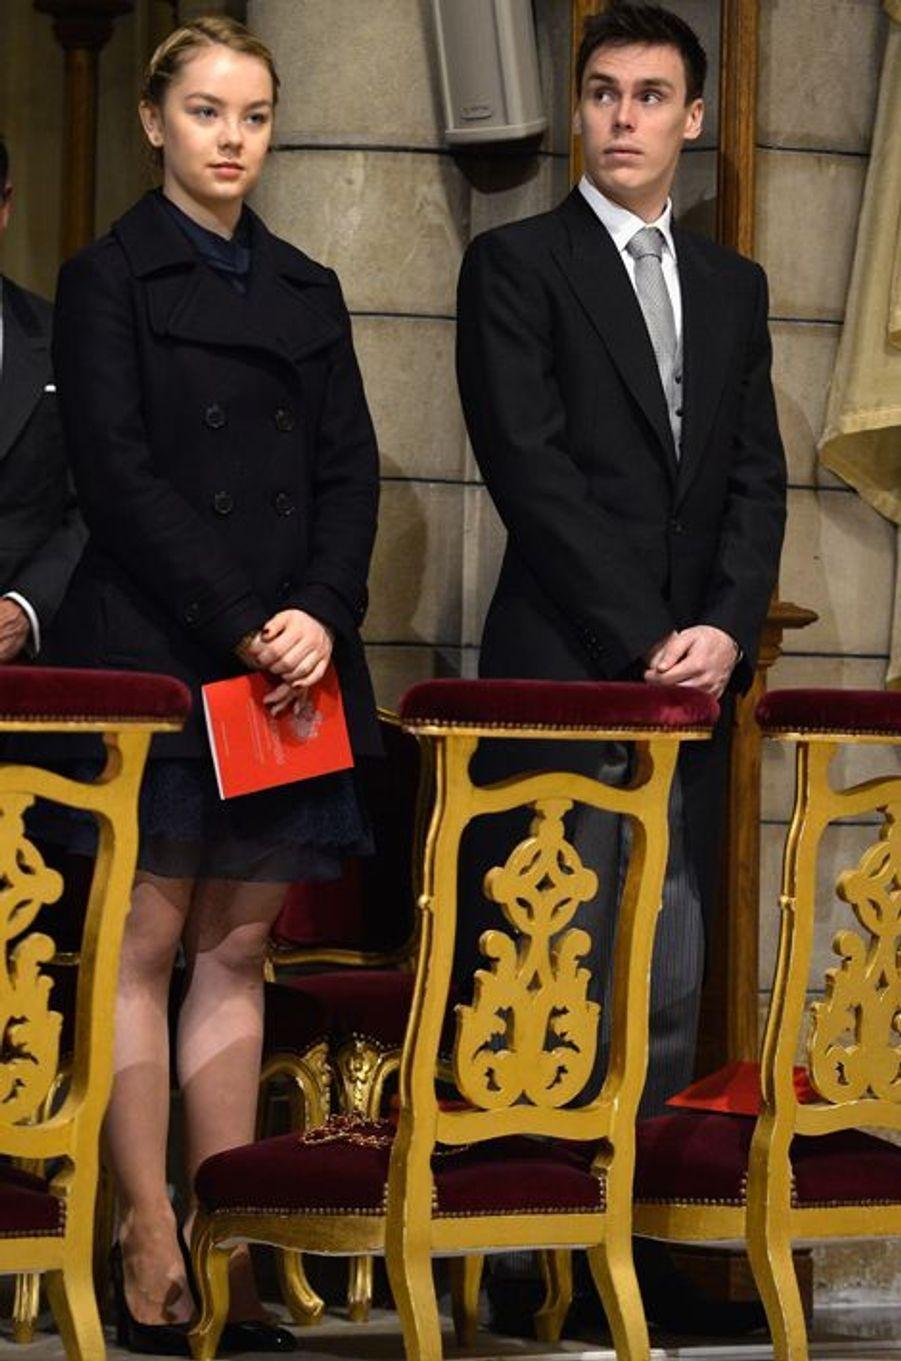 La princesse Alexandra de Hanovre et son cousin Louis Ducruet à Monaco, le 19 novembre 2015